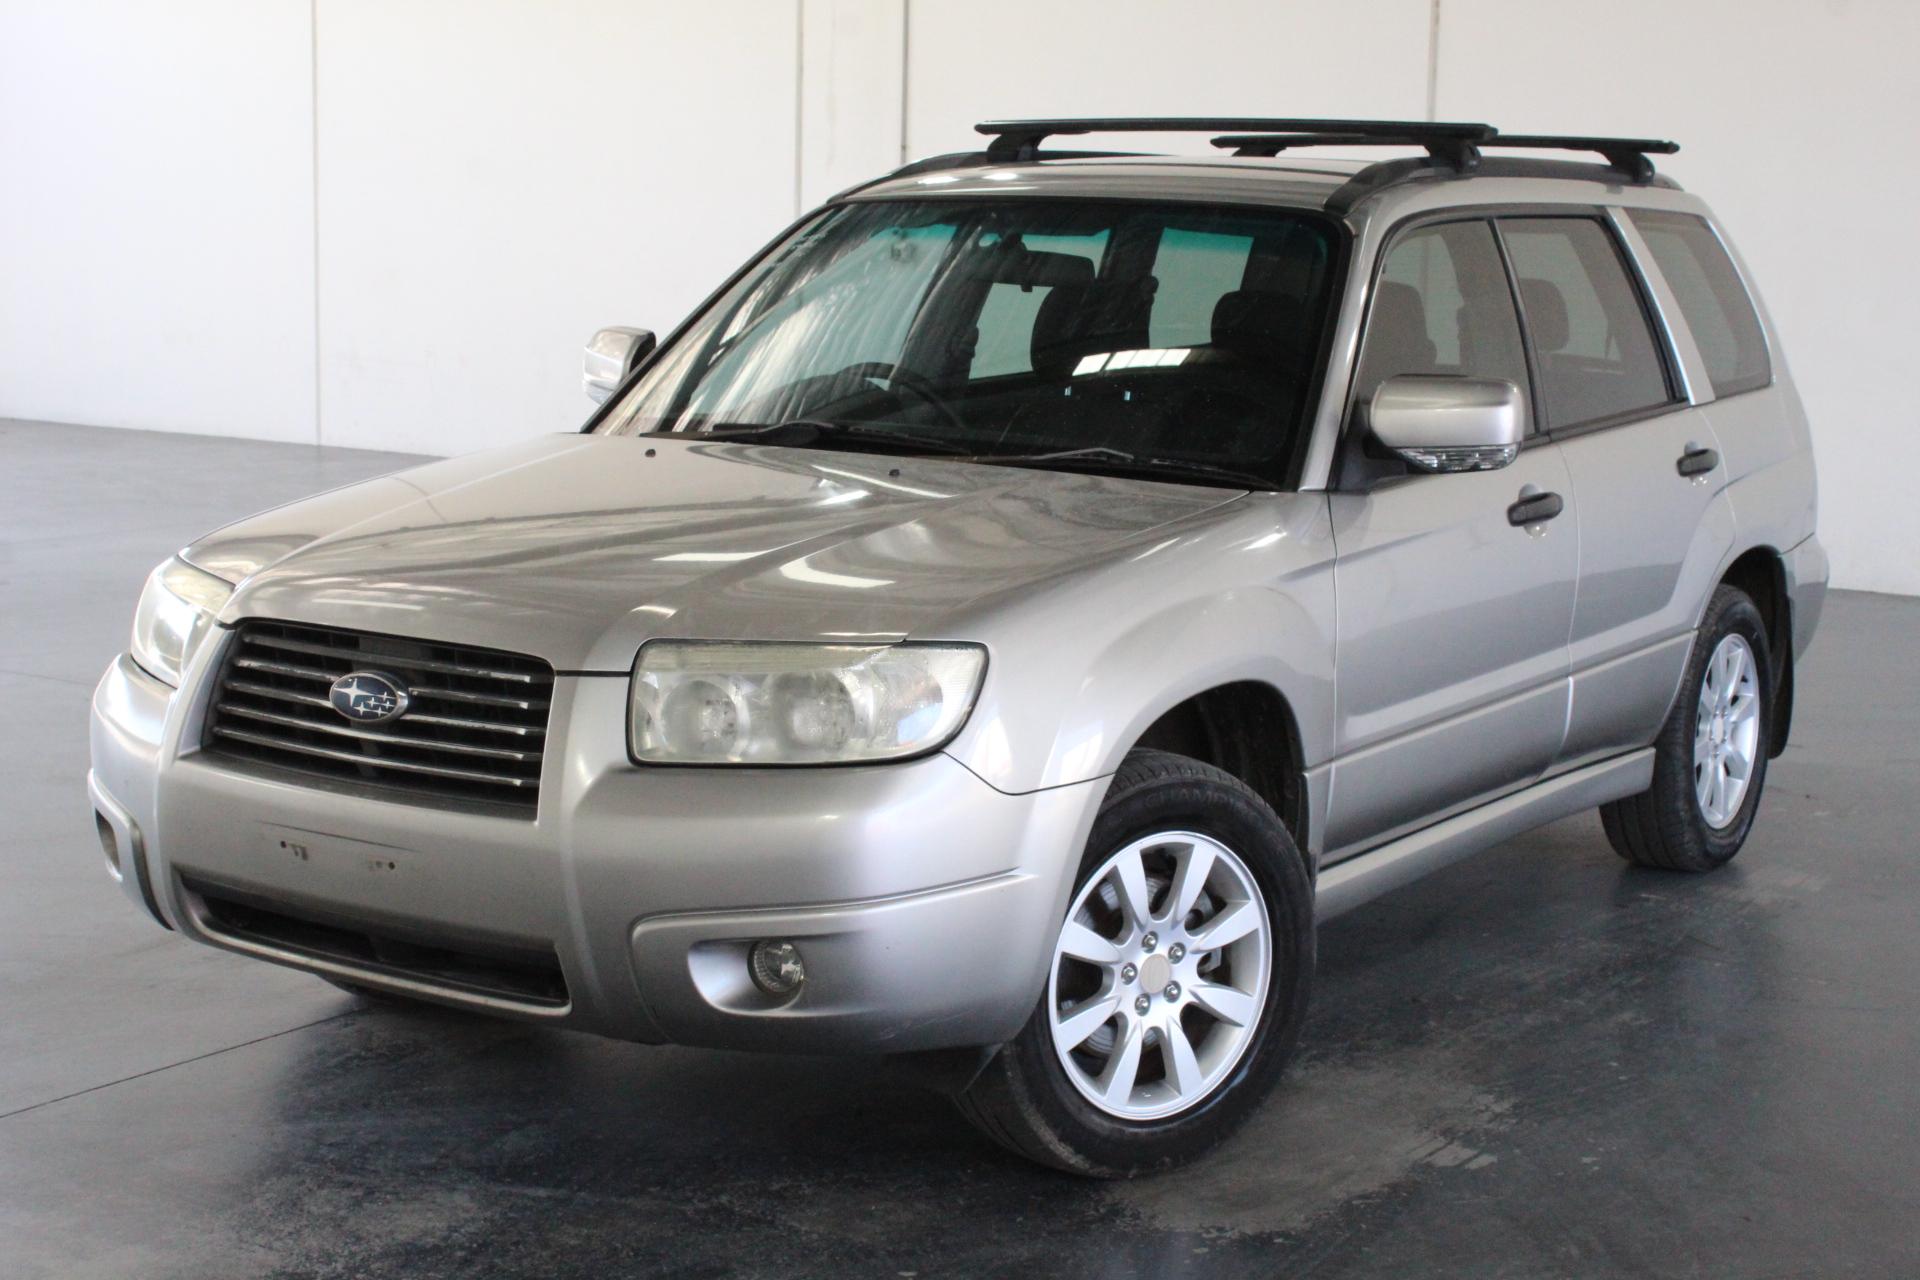 2005 Subaru Forester XS Automatic Wagon